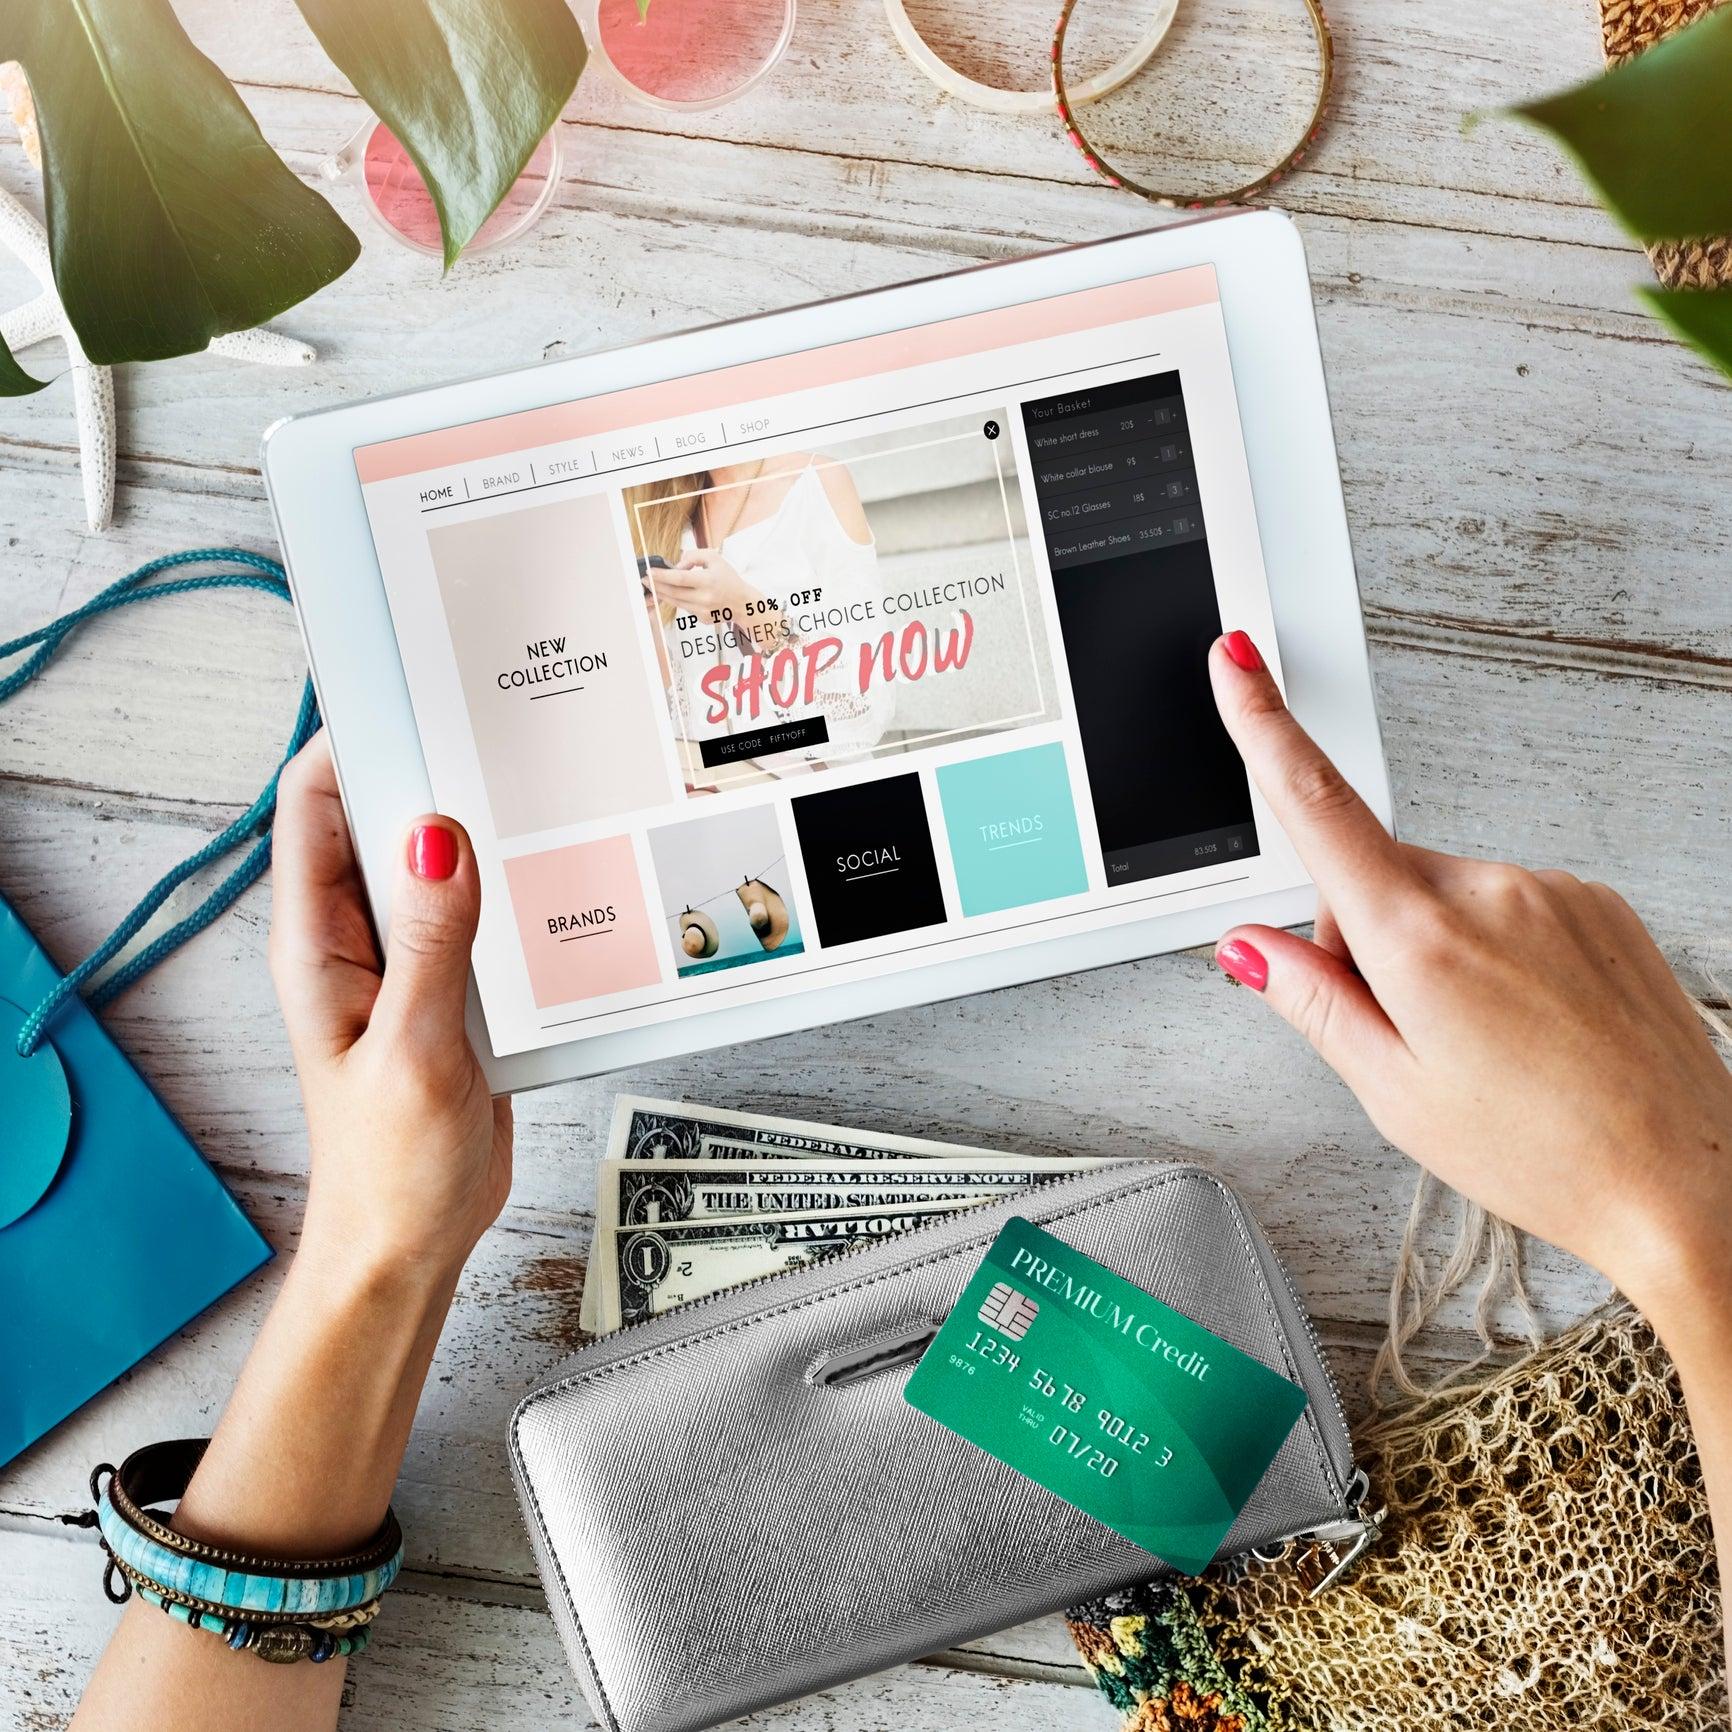 ways to redeem credit card rewards points